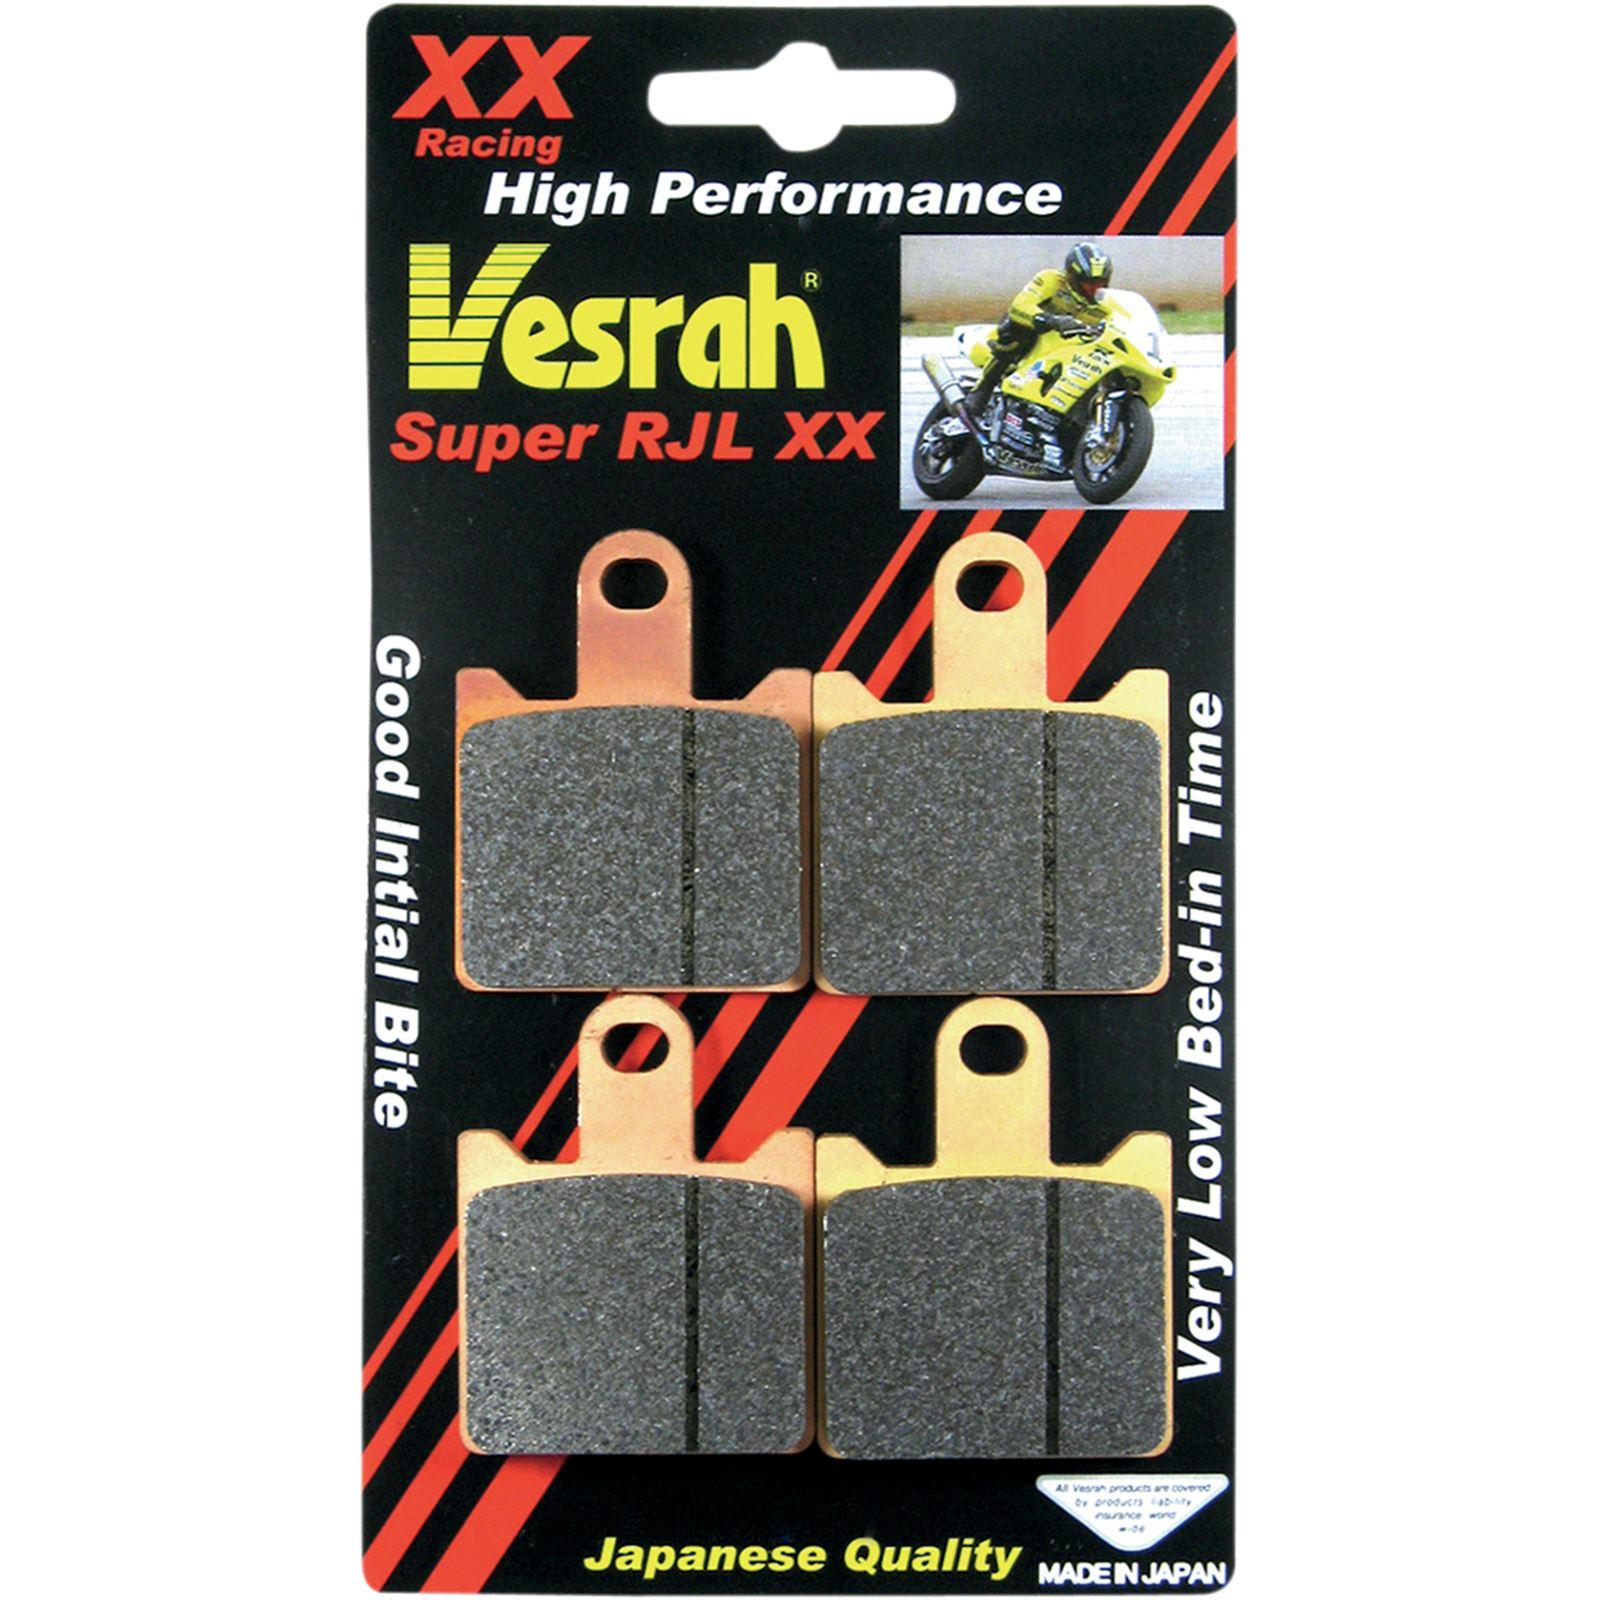 Vesrah JL Sintered Metal Brake Pads - VD-444RJL-XX